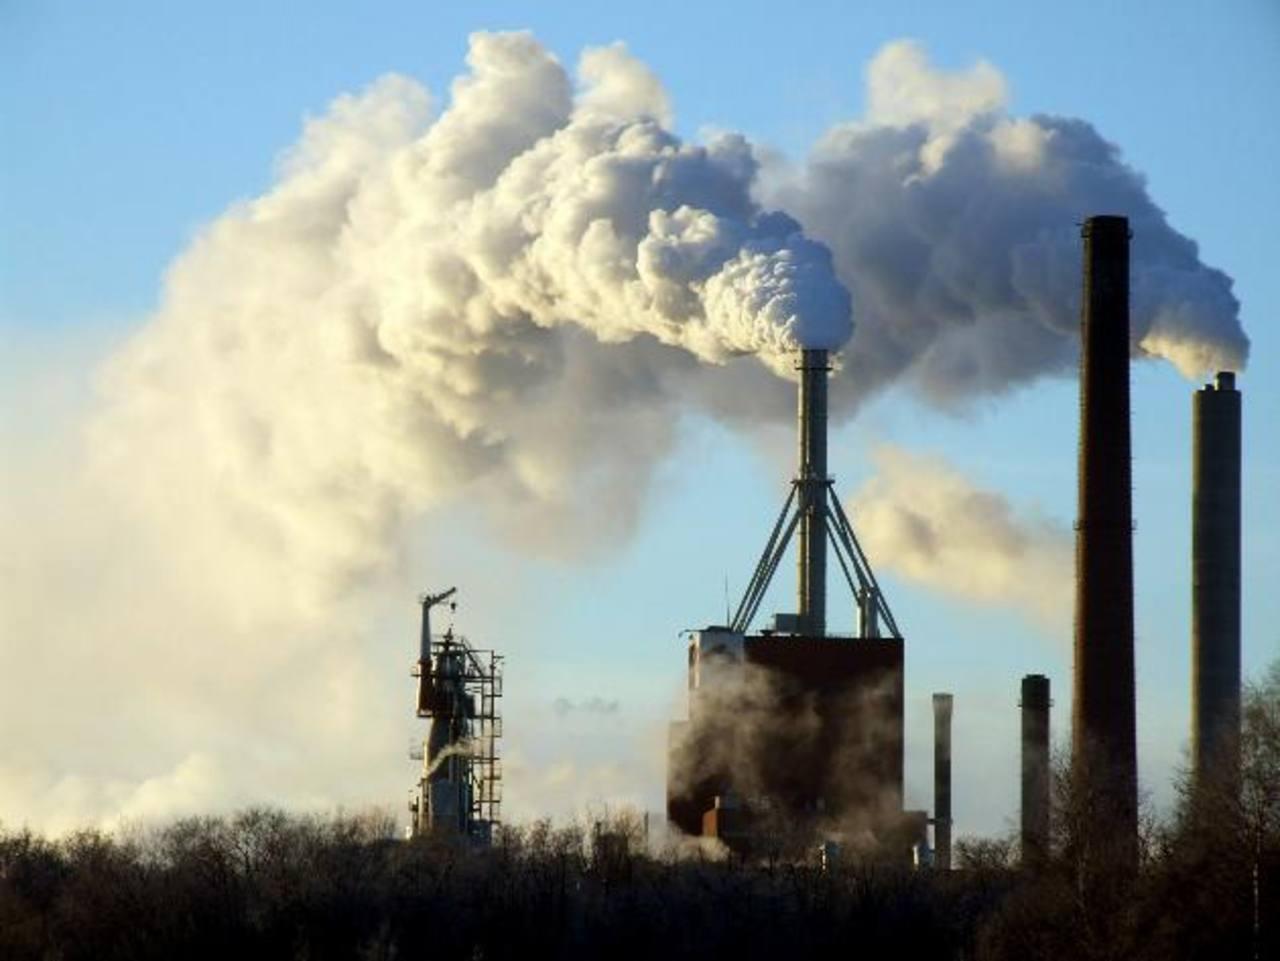 En el nuevo informe se afirma con claridad que el objetivo debe ser reducir a cero las emisiones de gases invernadero. foto edh